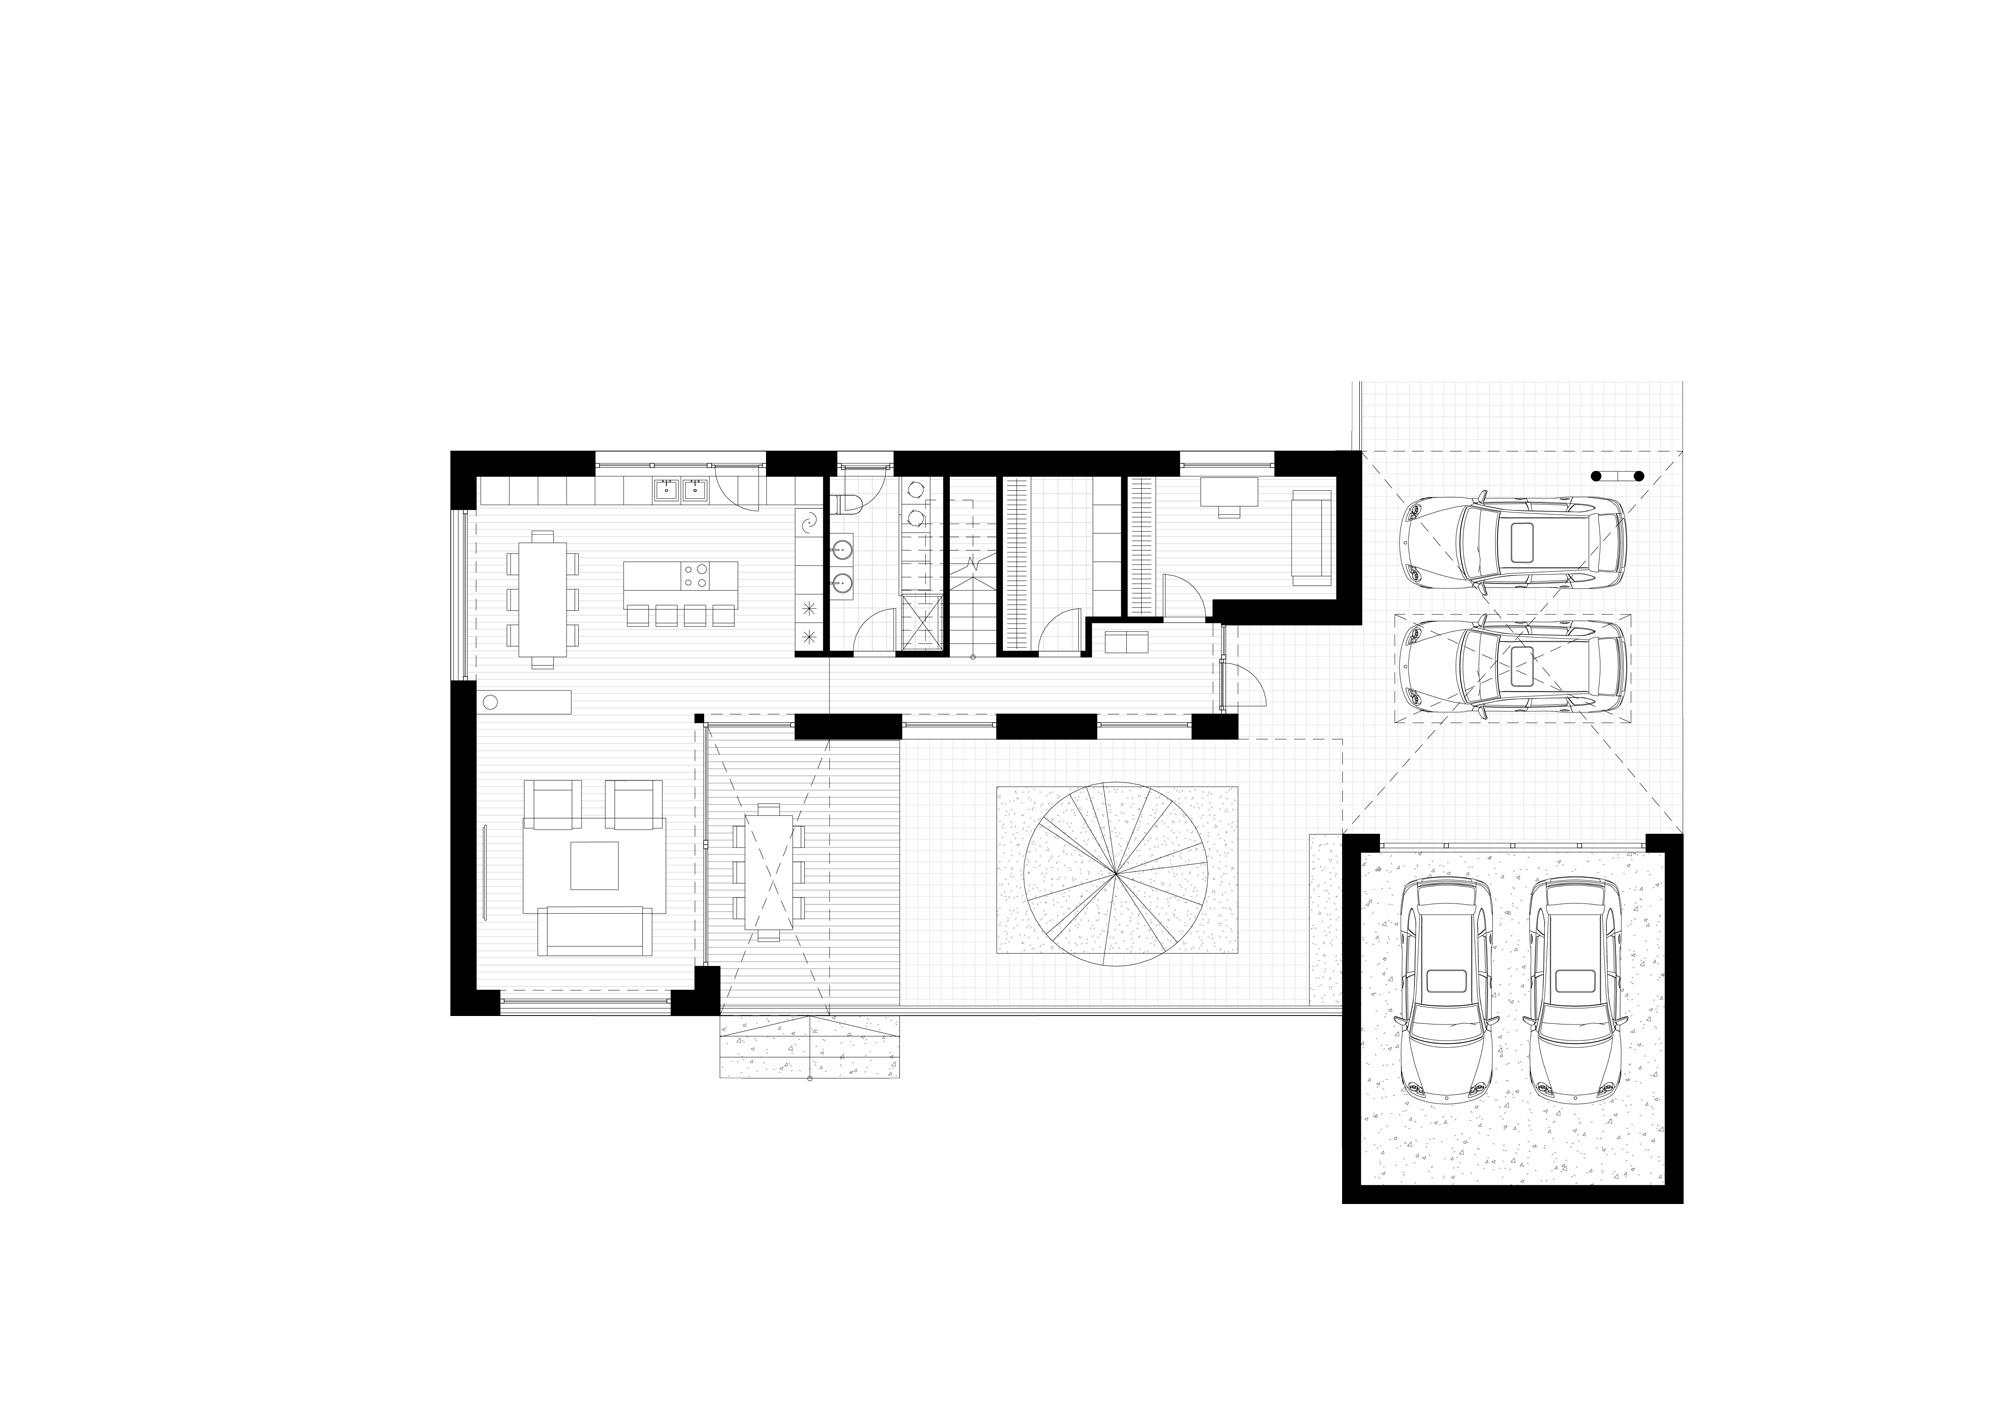 Kubinis-metras_Miesto-namas_1A-planas